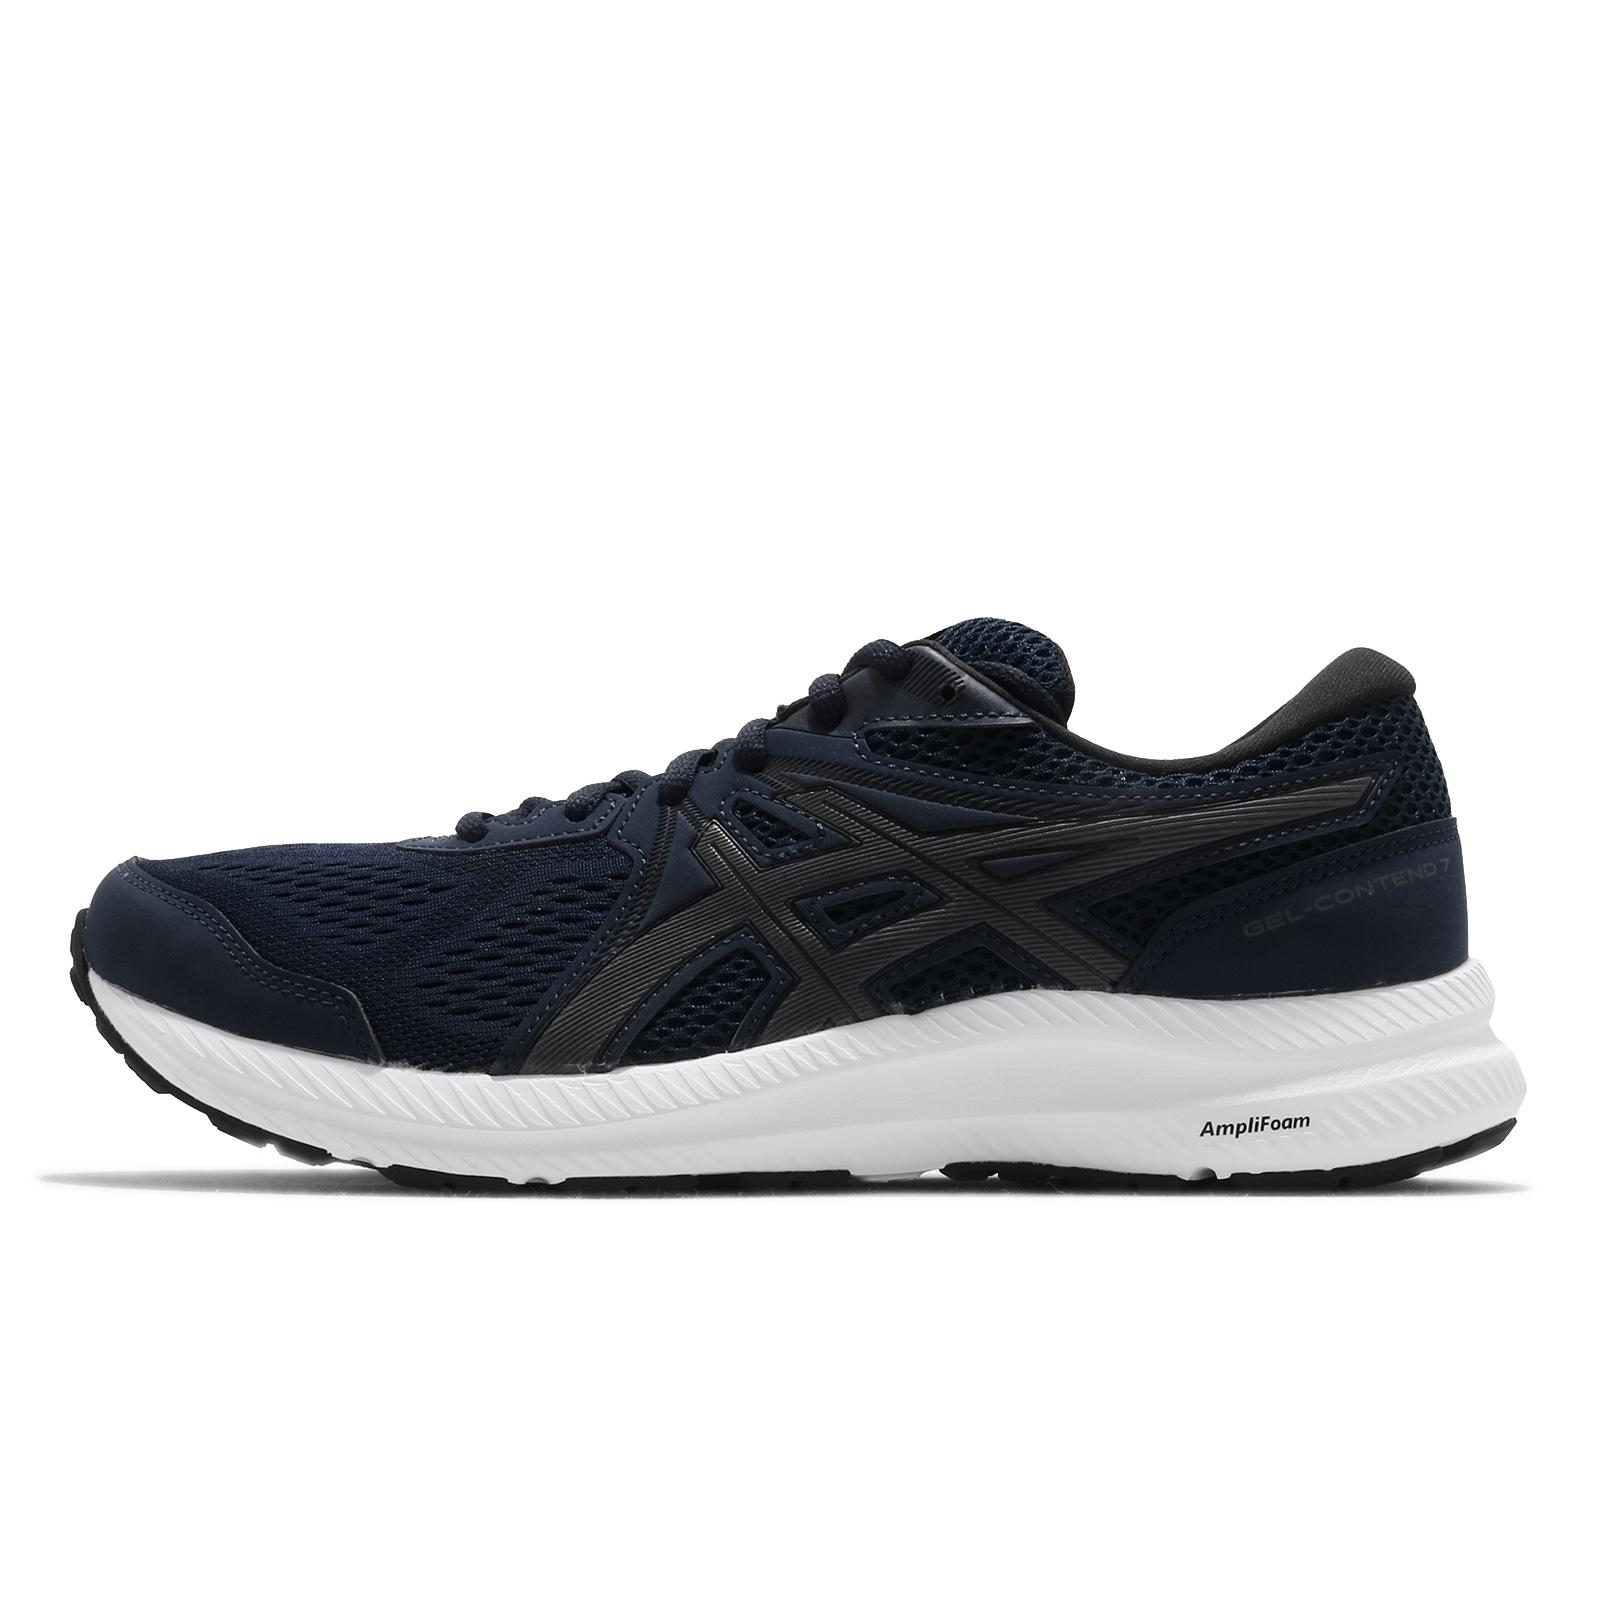 Asics 慢跑鞋 Gel-Contend 7 男 深藍 白 基本款 入門 運動鞋 【ACS】 1011B040-400